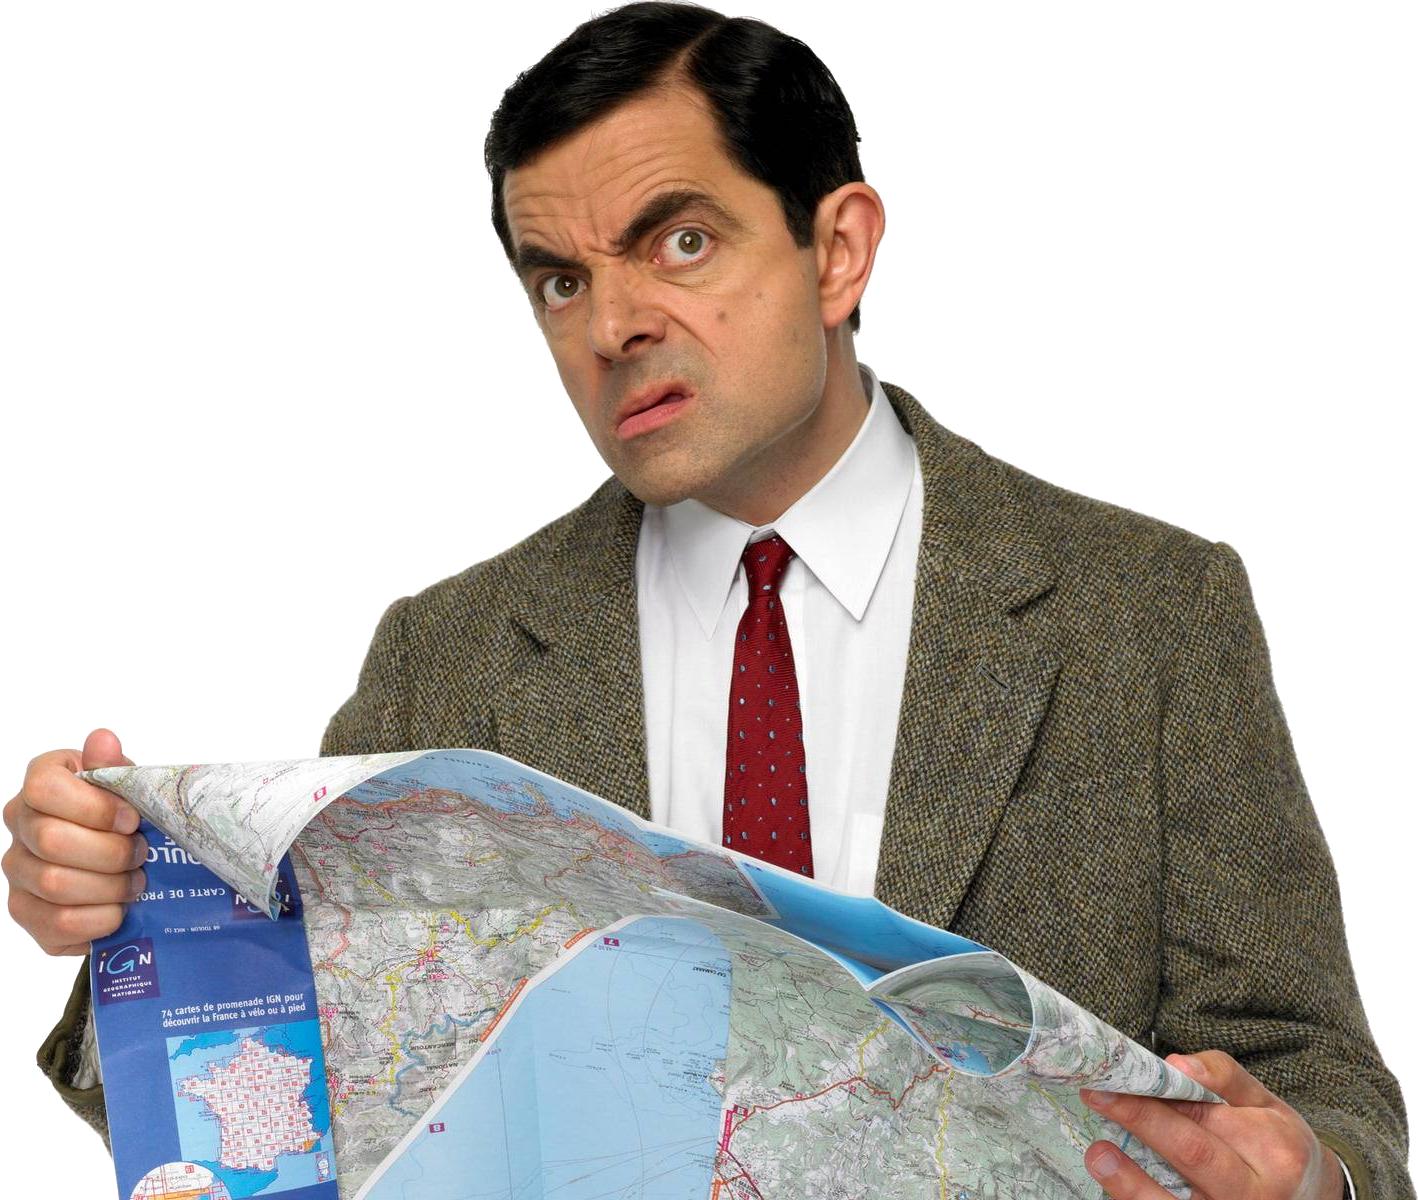 Mr Bean Rowan Atkinson Png Image Mr Bean Mr Bean Movie Mr Bin